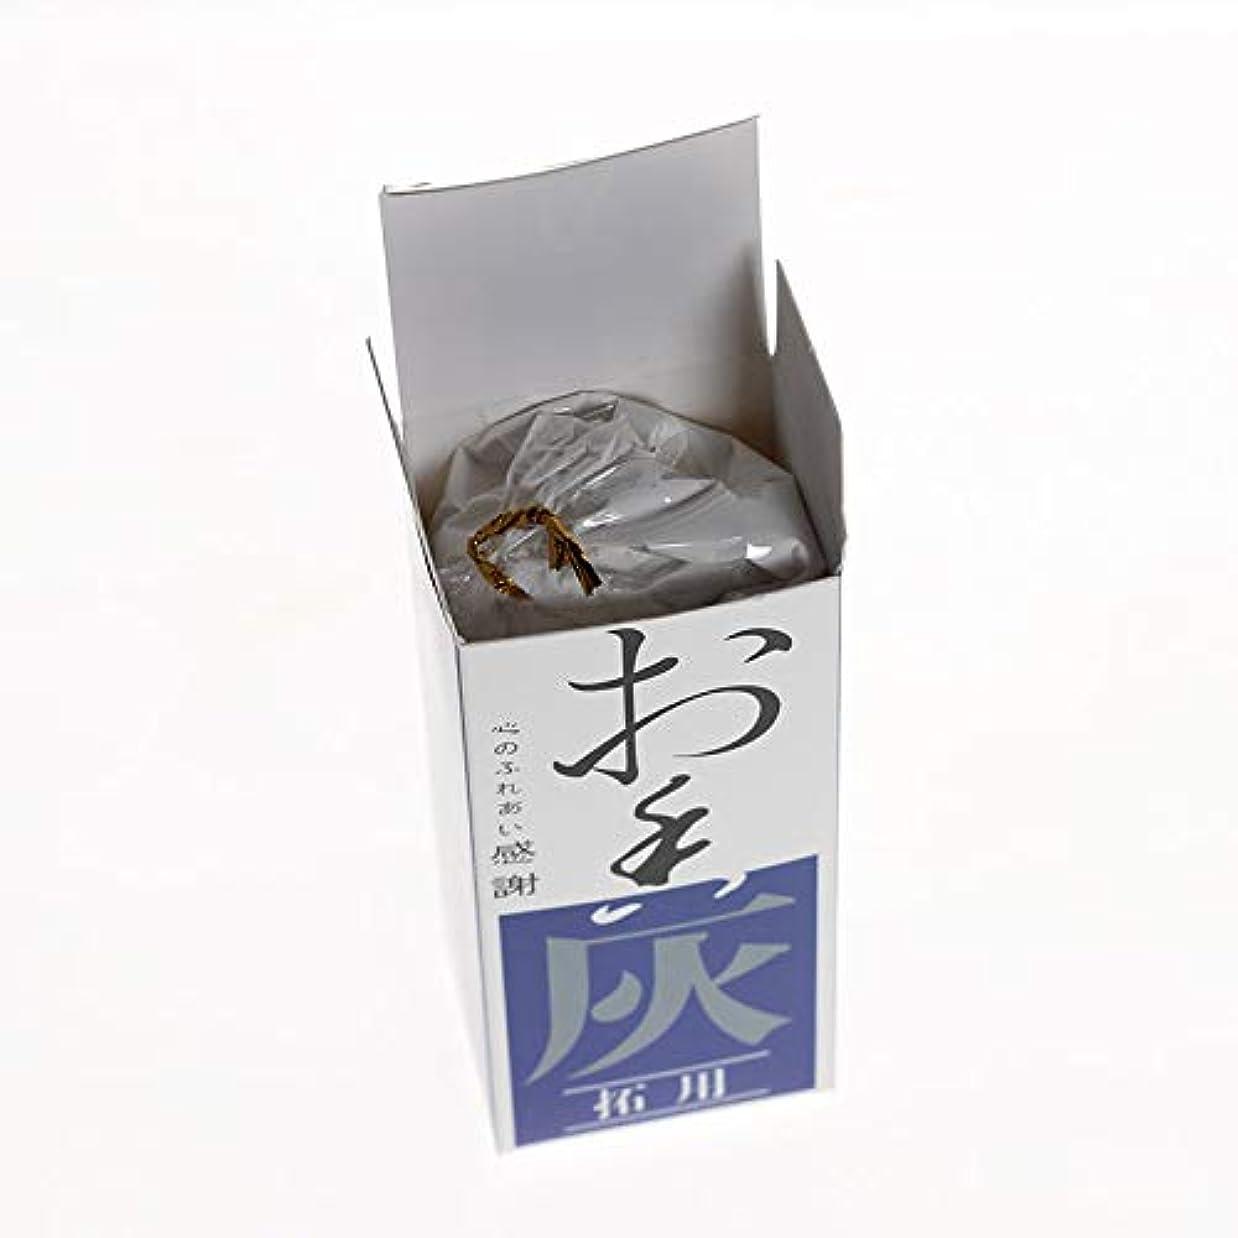 光の不和アクチュエータDiatems - 輸入香ばしい香り高い柚子特別灰沈香香炉灰灰灰色の灰香り用品スーパーソングRongtang [3PC]